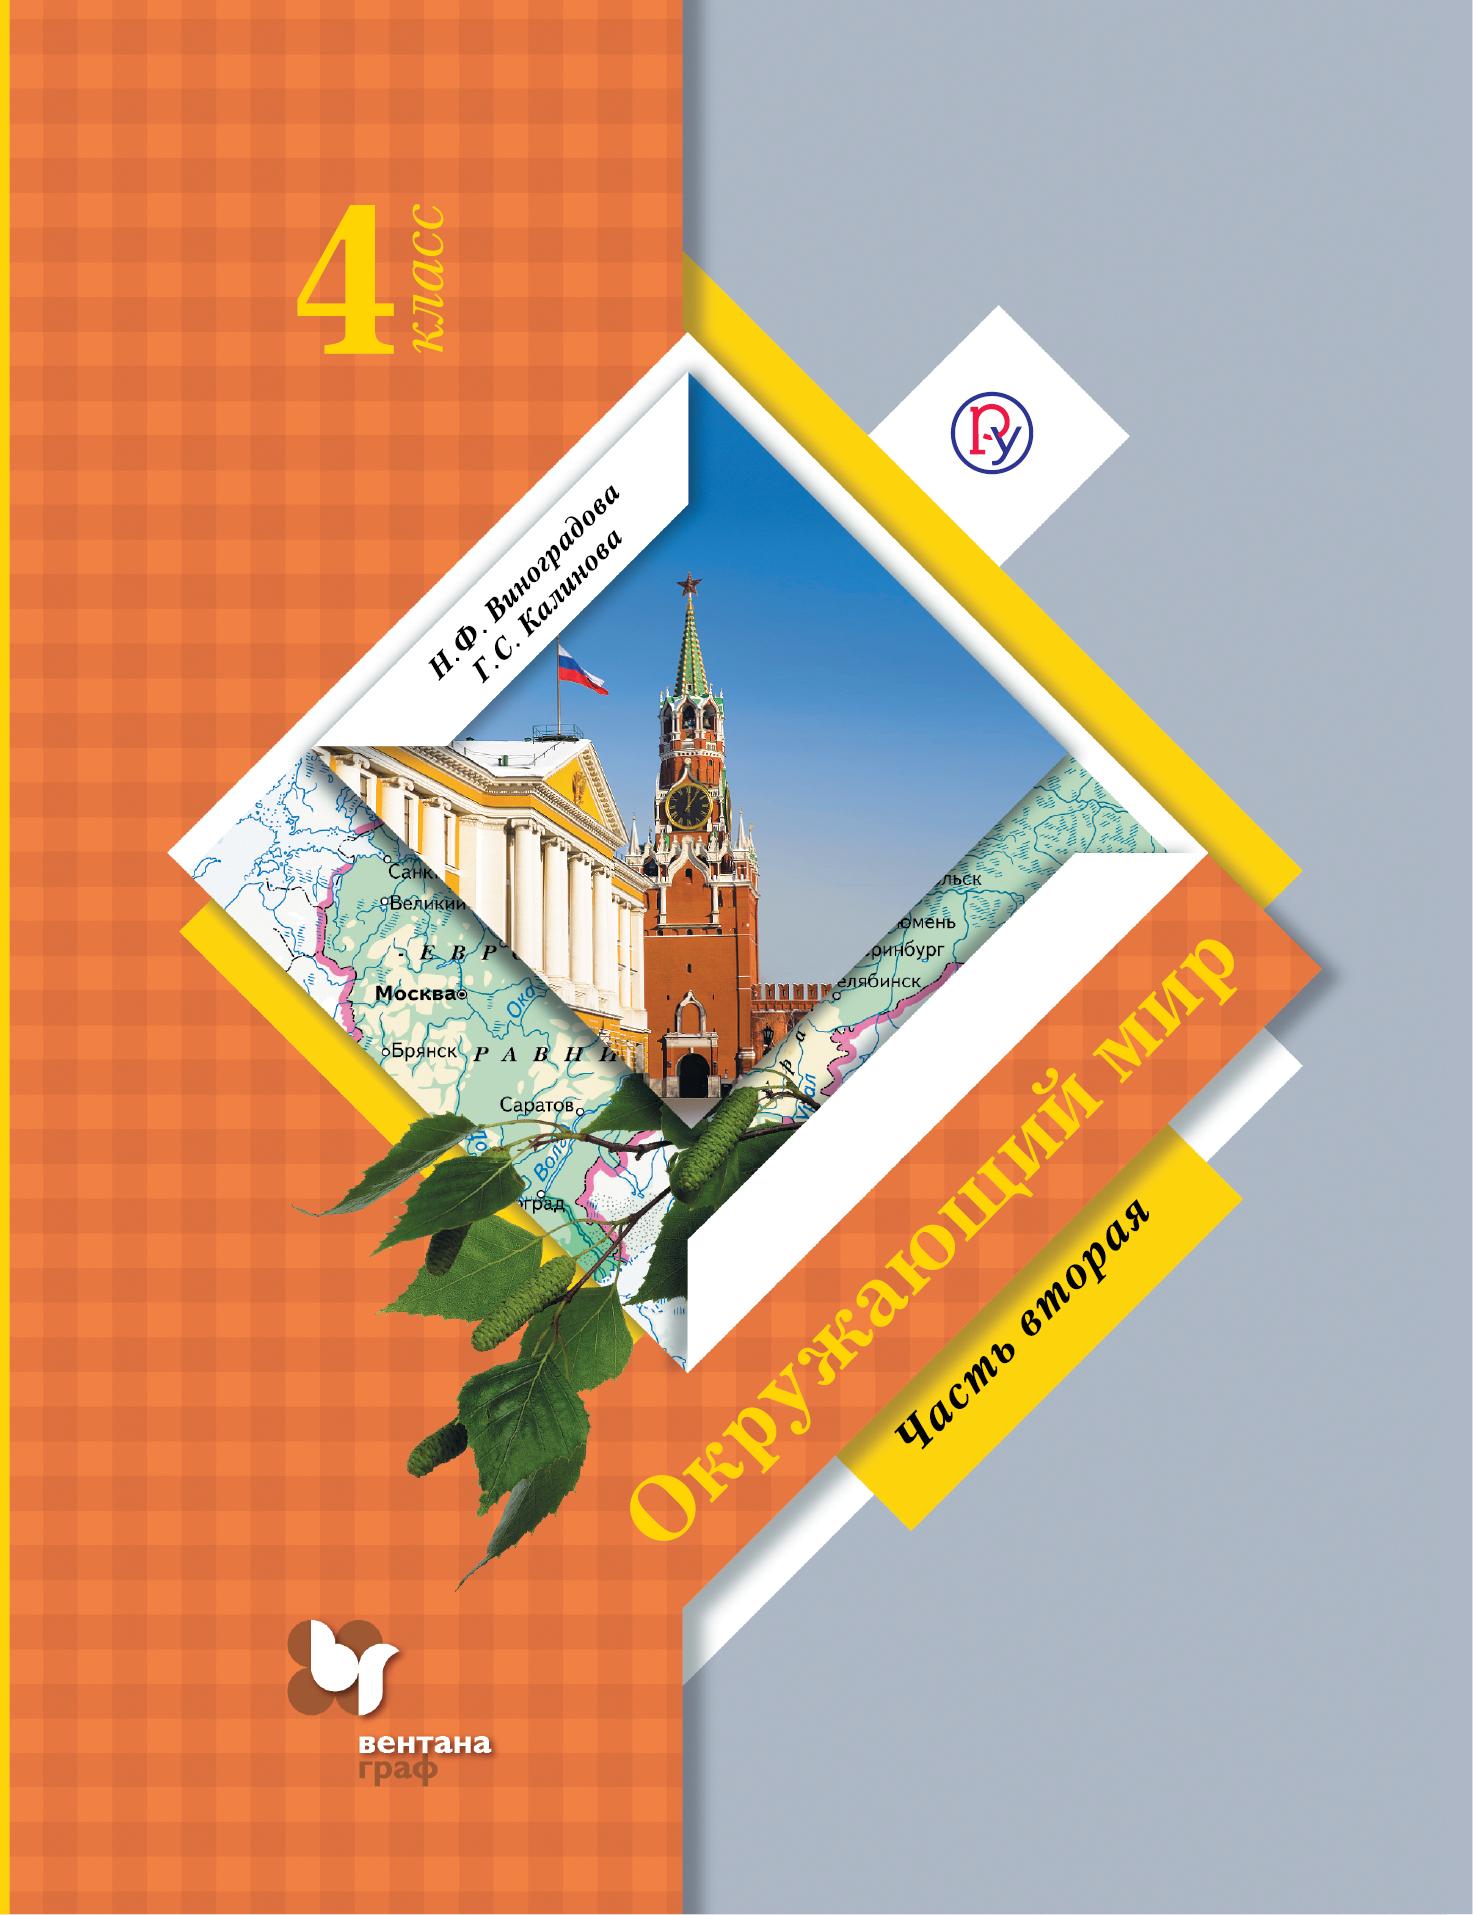 Окружающий мир. 4 класс. Учебник в 2-х частях. Ч. 2. ( Виноградова Н.Ф., Калинова Г.С.  )